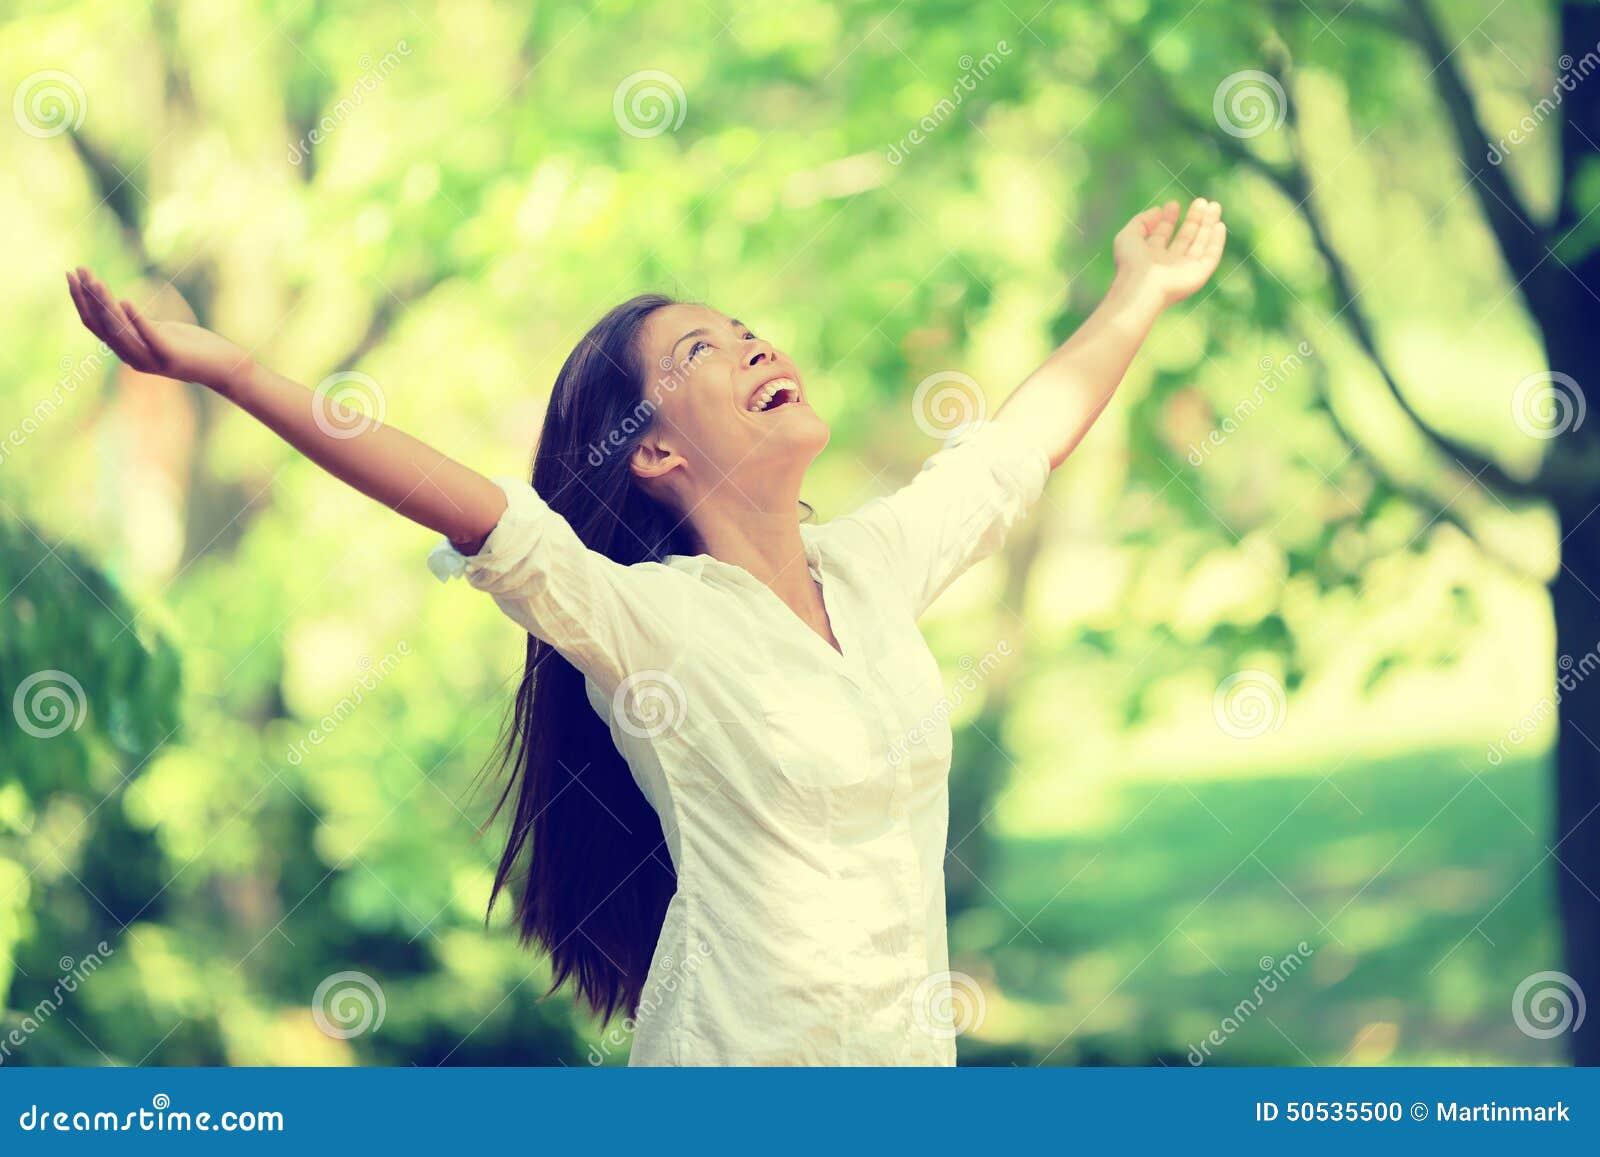 Donna felice di libertà che si sente libero in aria della natura